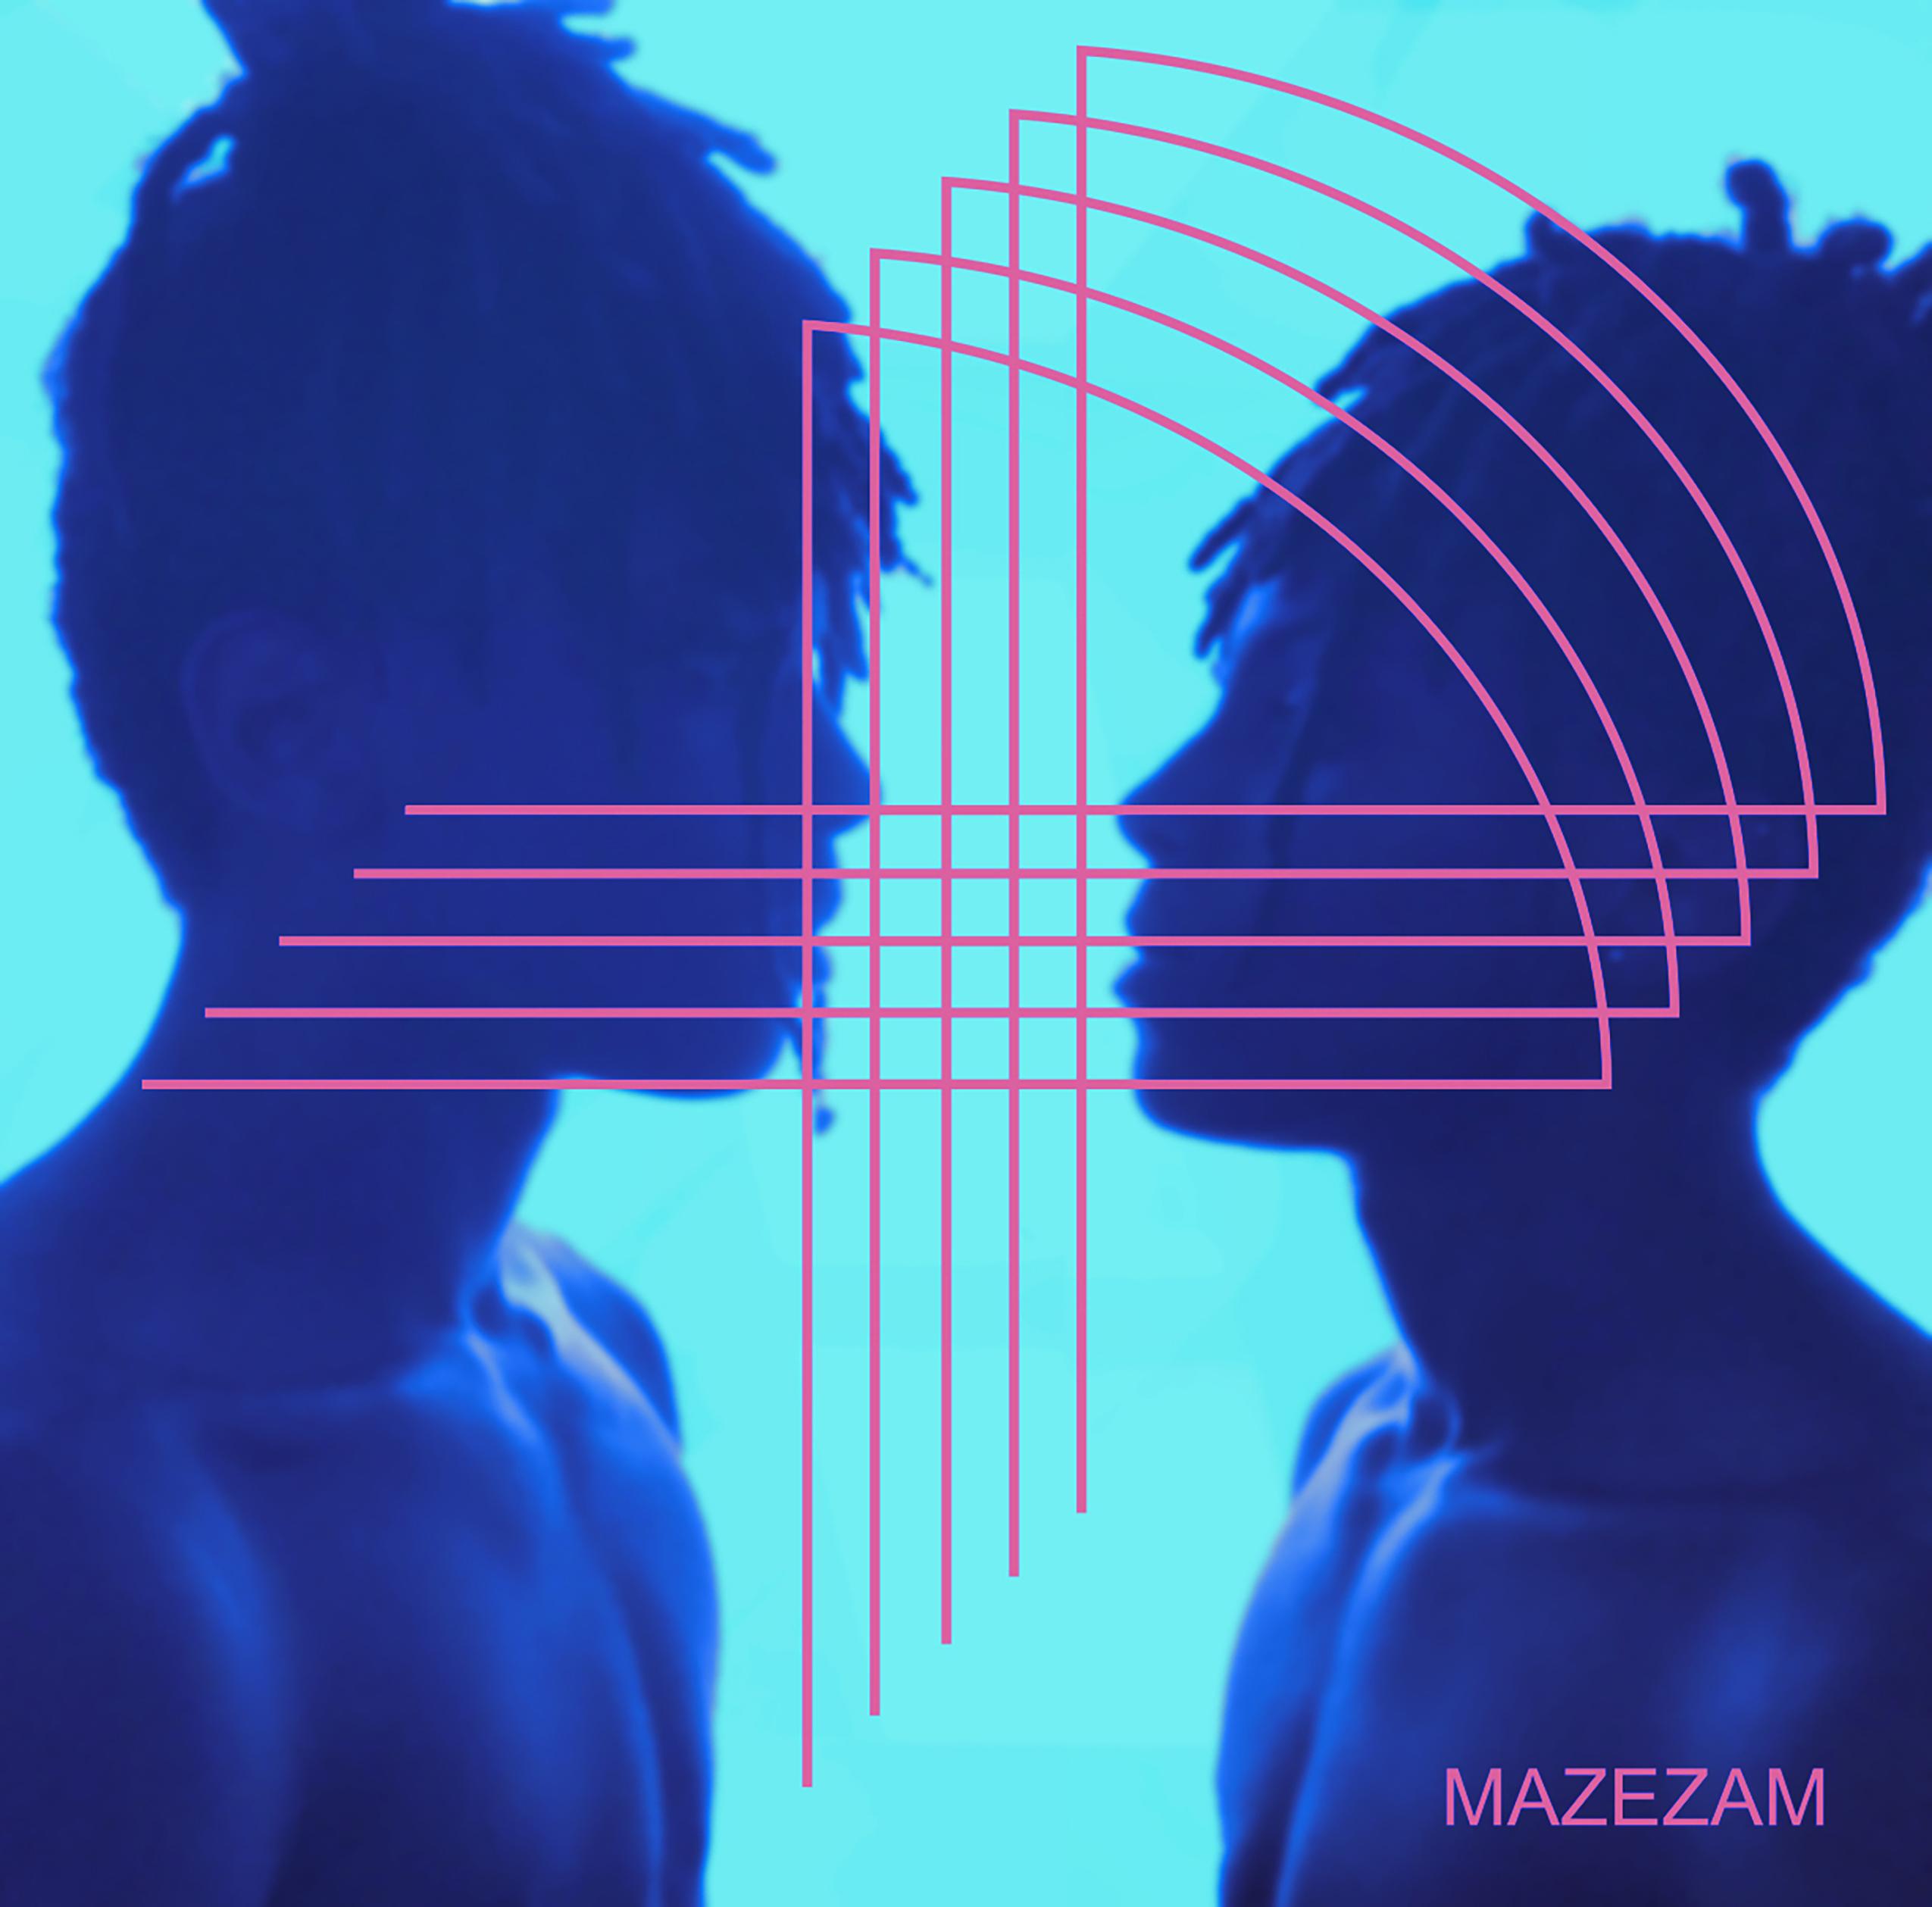 MAZEZAM